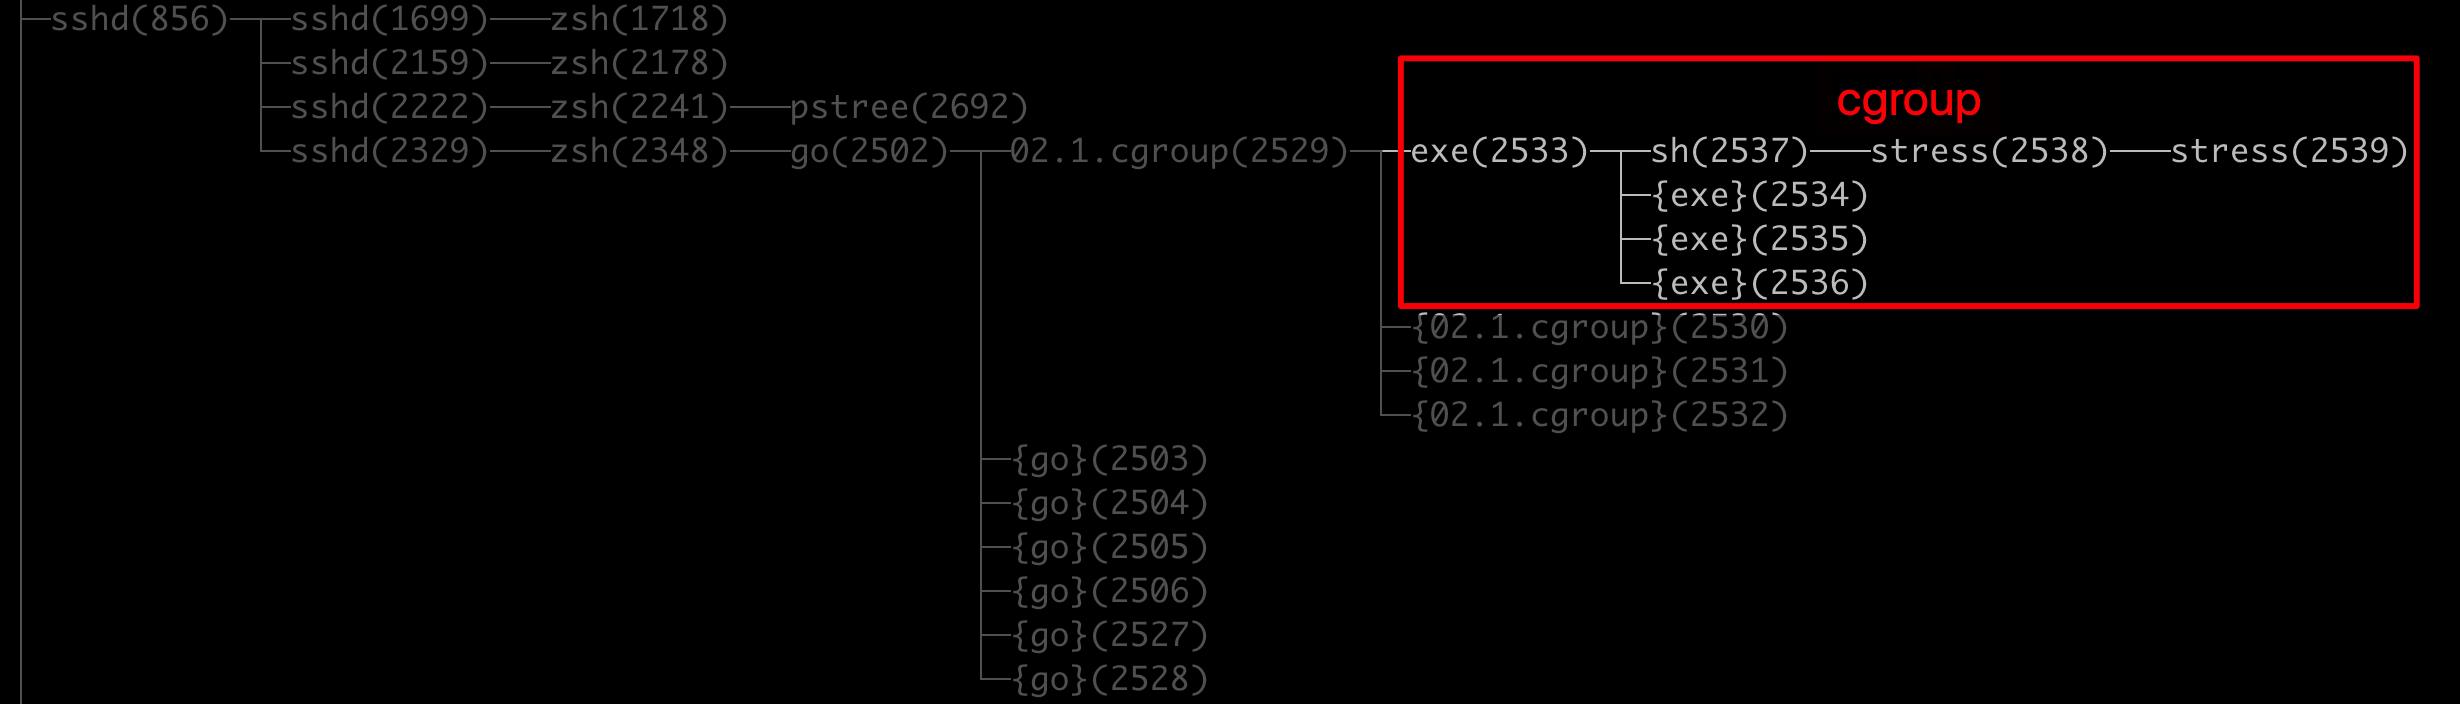 Cgroup限制内存的进程树